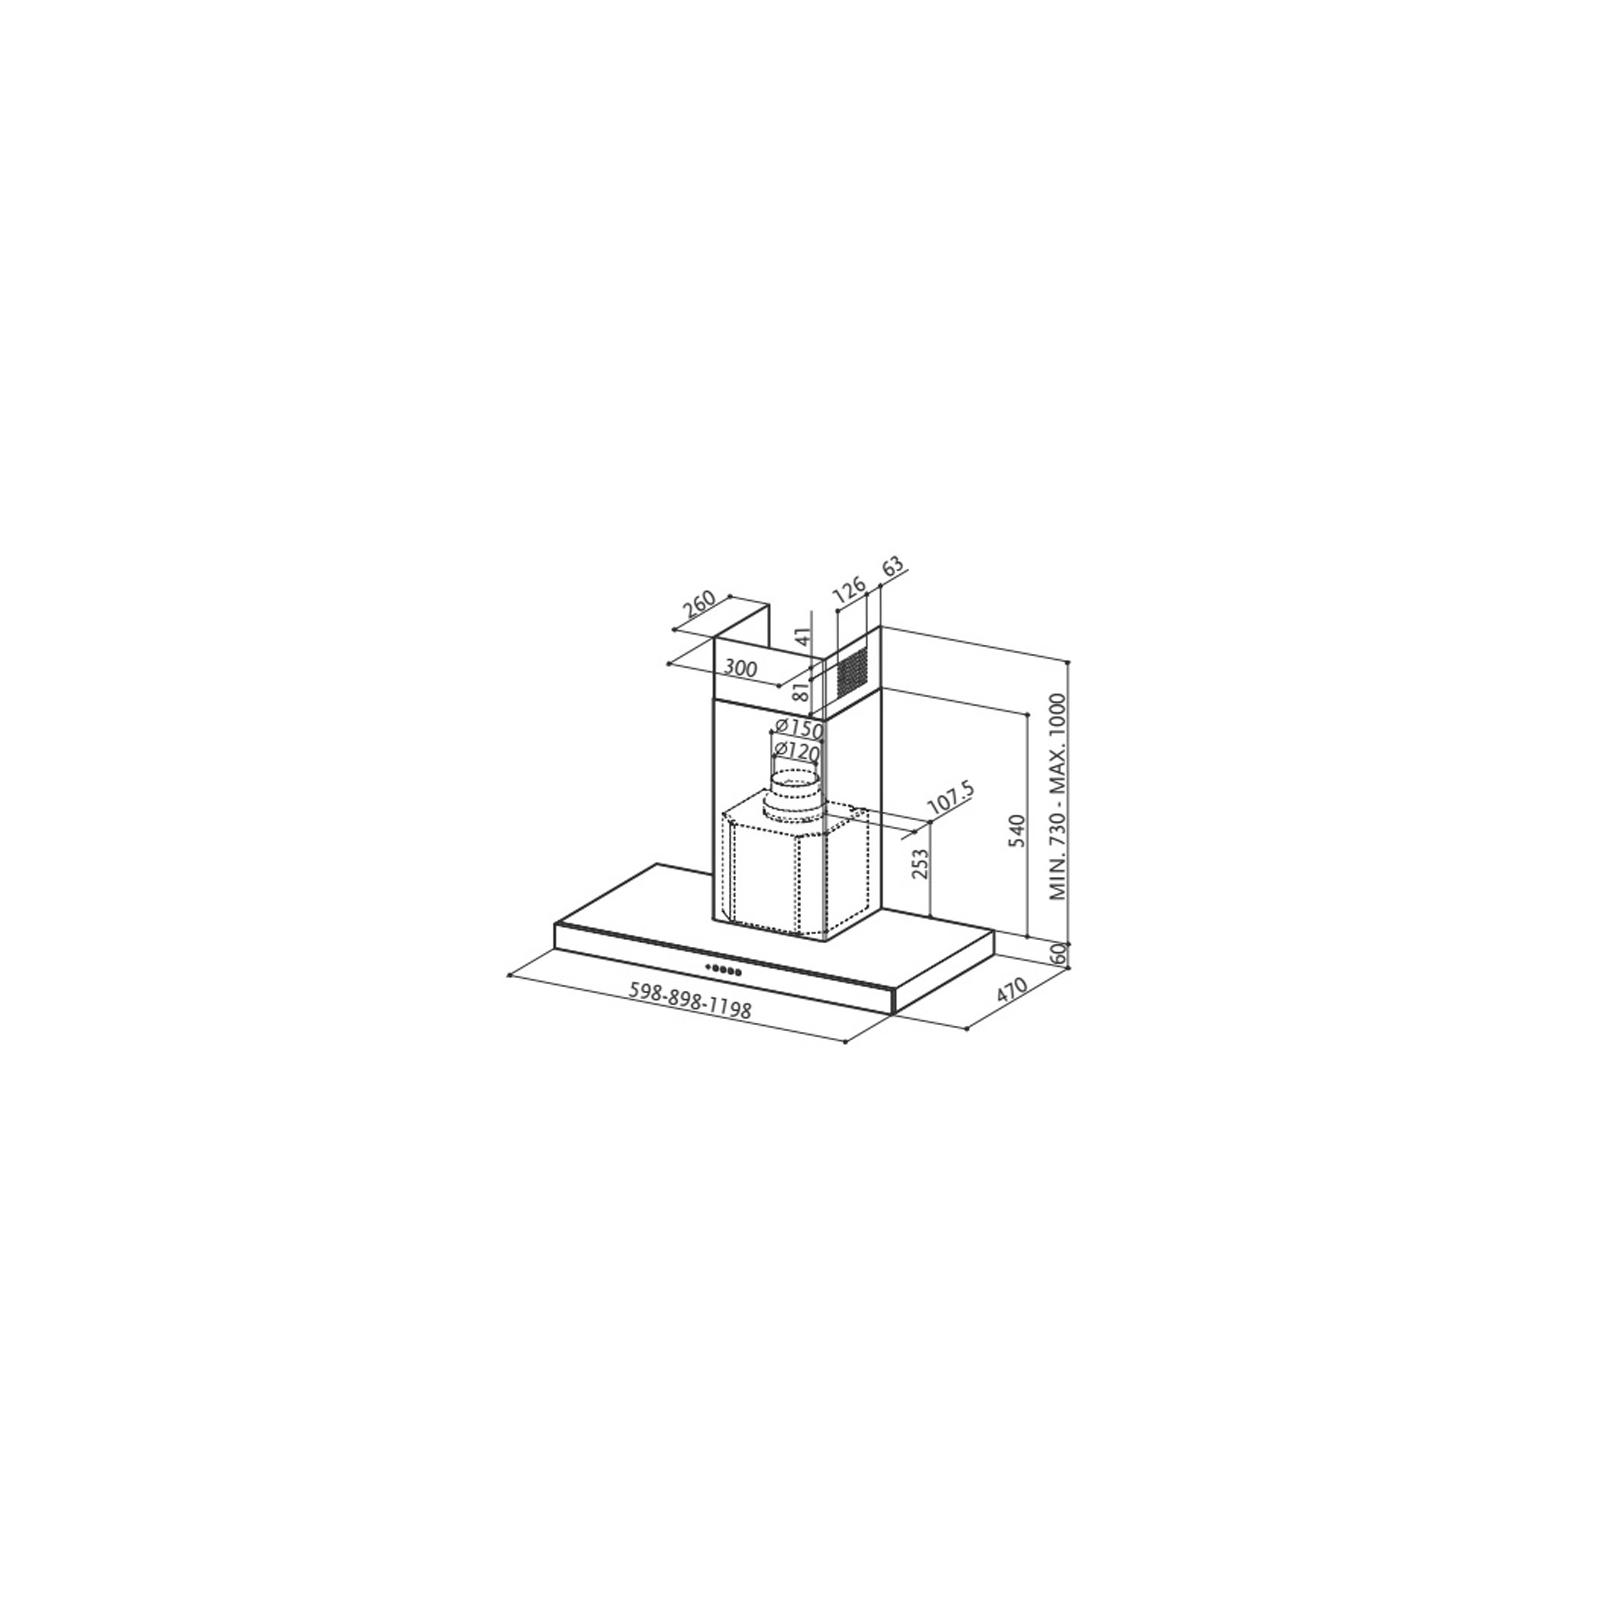 Вытяжка кухонная FABER STILO/SP X A90 изображение 2